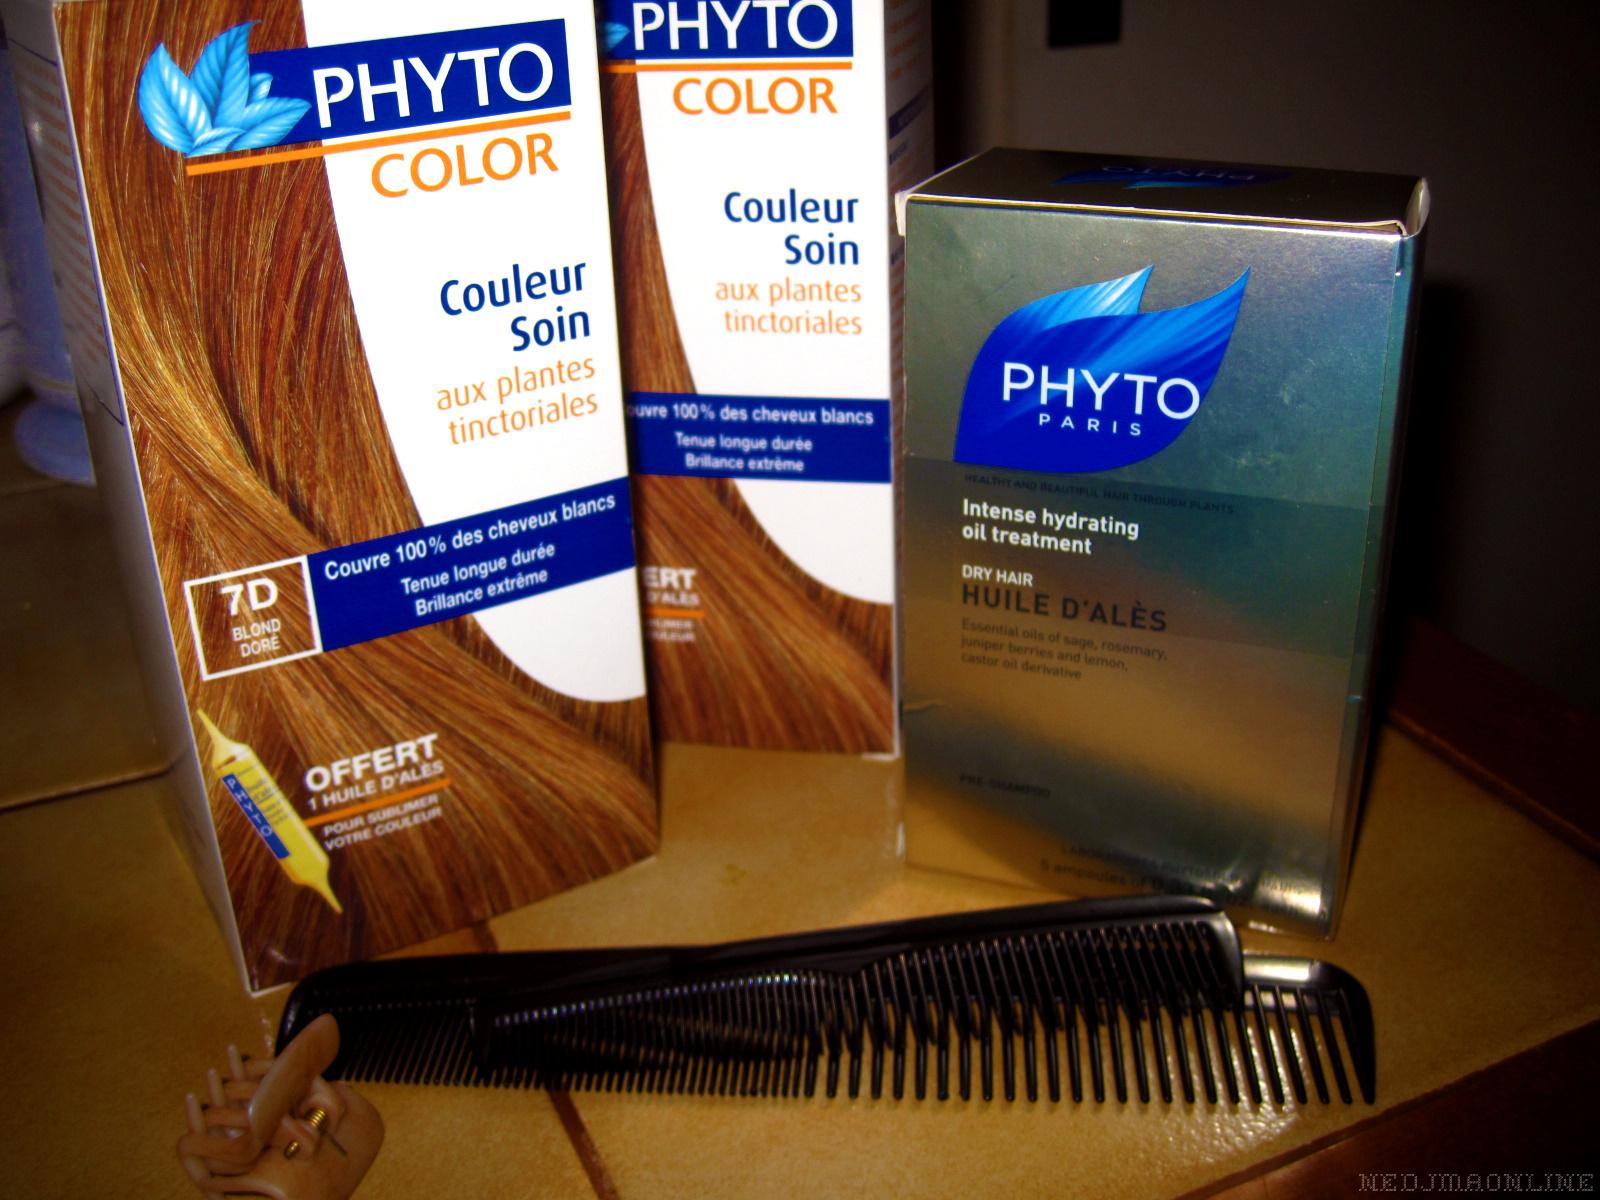 mon choix sest donc port sur phyto color des laboratoires phytosolba jai choisi la teinte blond dore 7d dispo ici qui se rapproche de la couleur que - Phyto Coloration